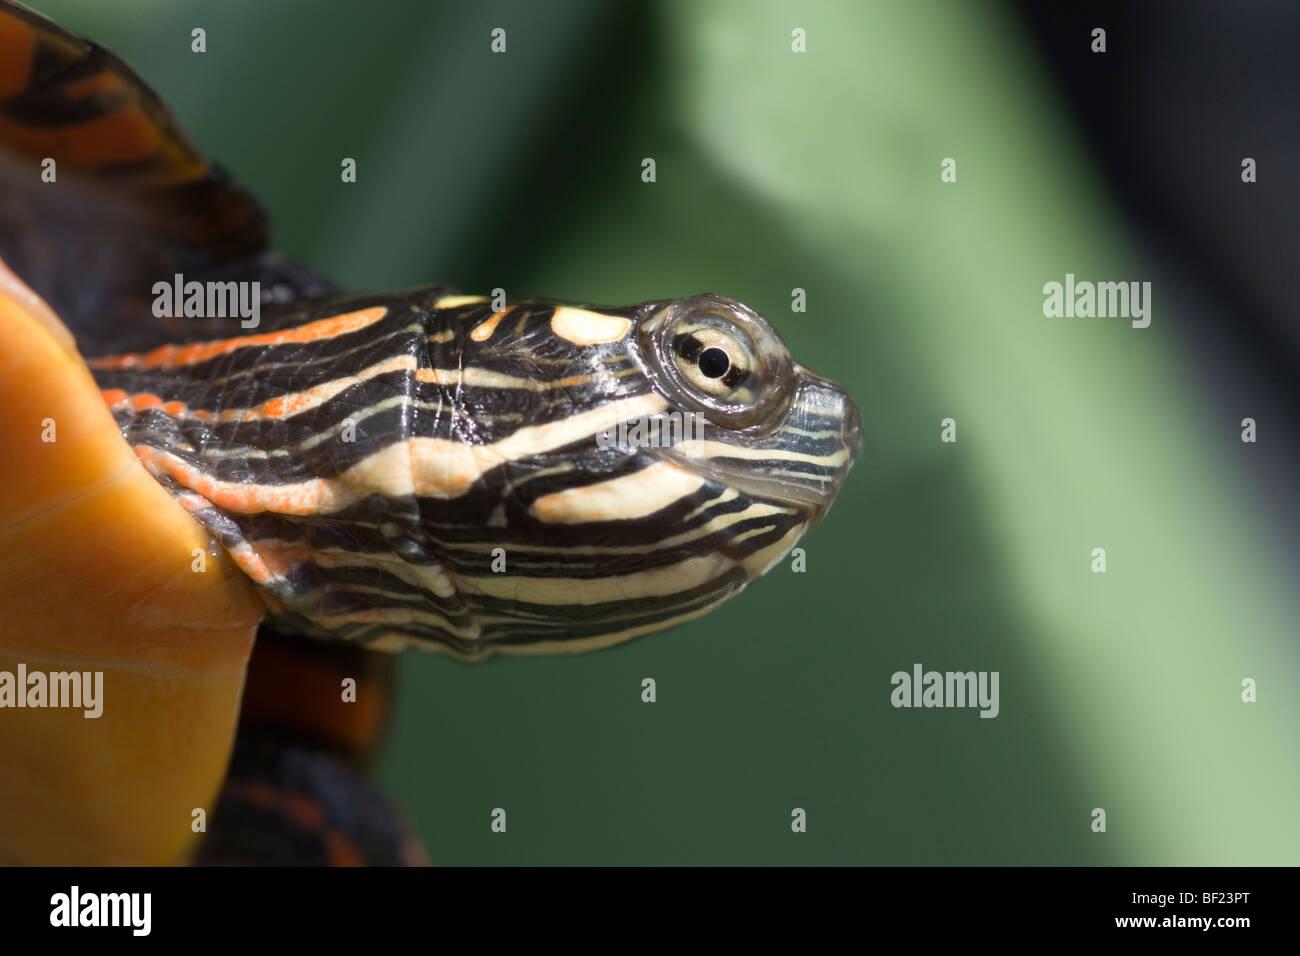 Östlichen gemalt Schildkröten (Chrysemys Picta Picta). Kopf und Hals ...